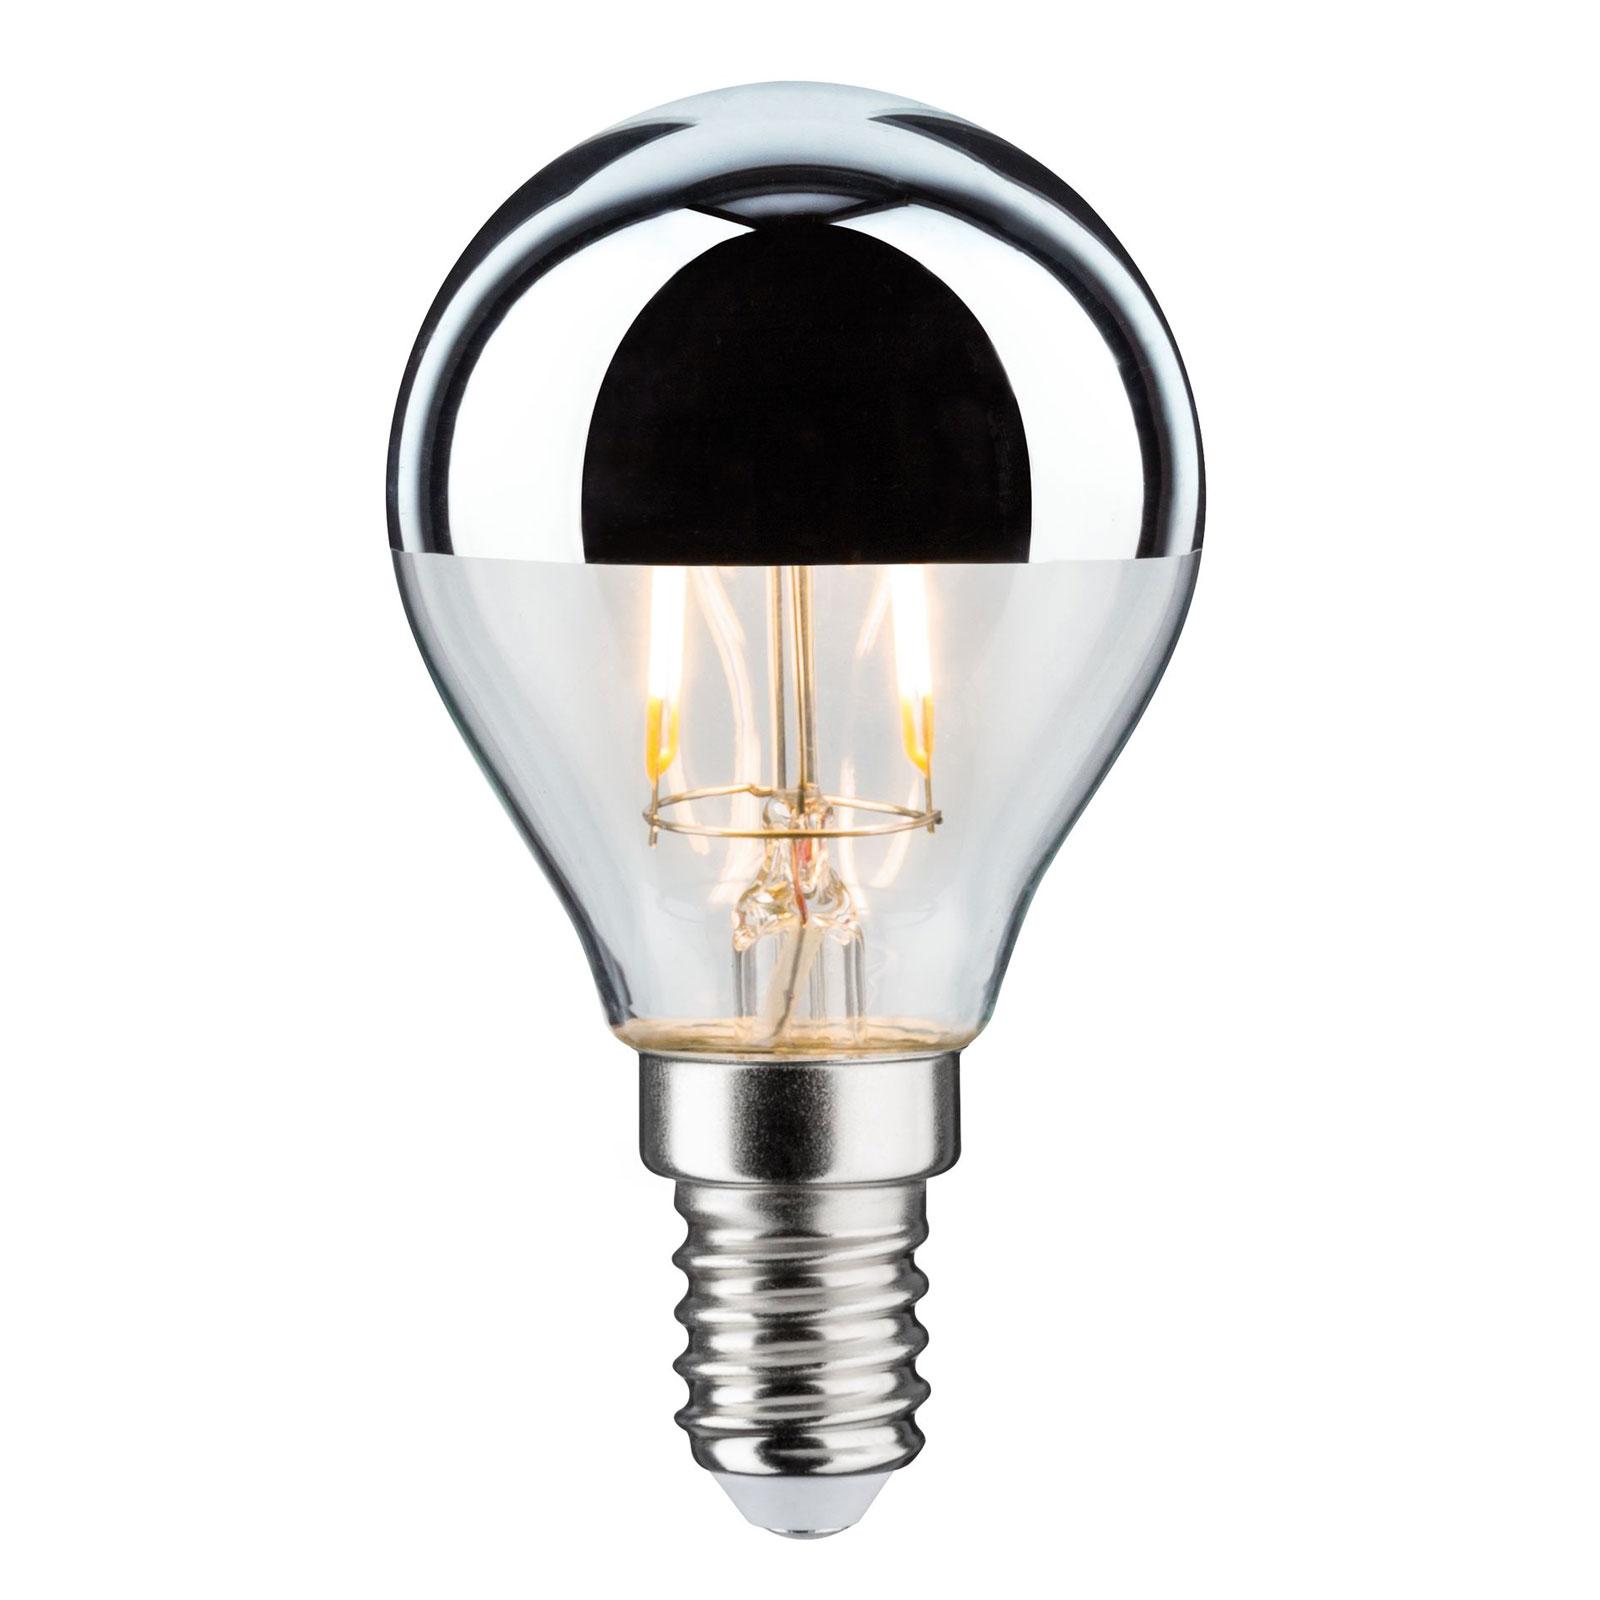 Lampadina LED E14 827 goccia dicroica argento 2,6W Illuminazione per interni